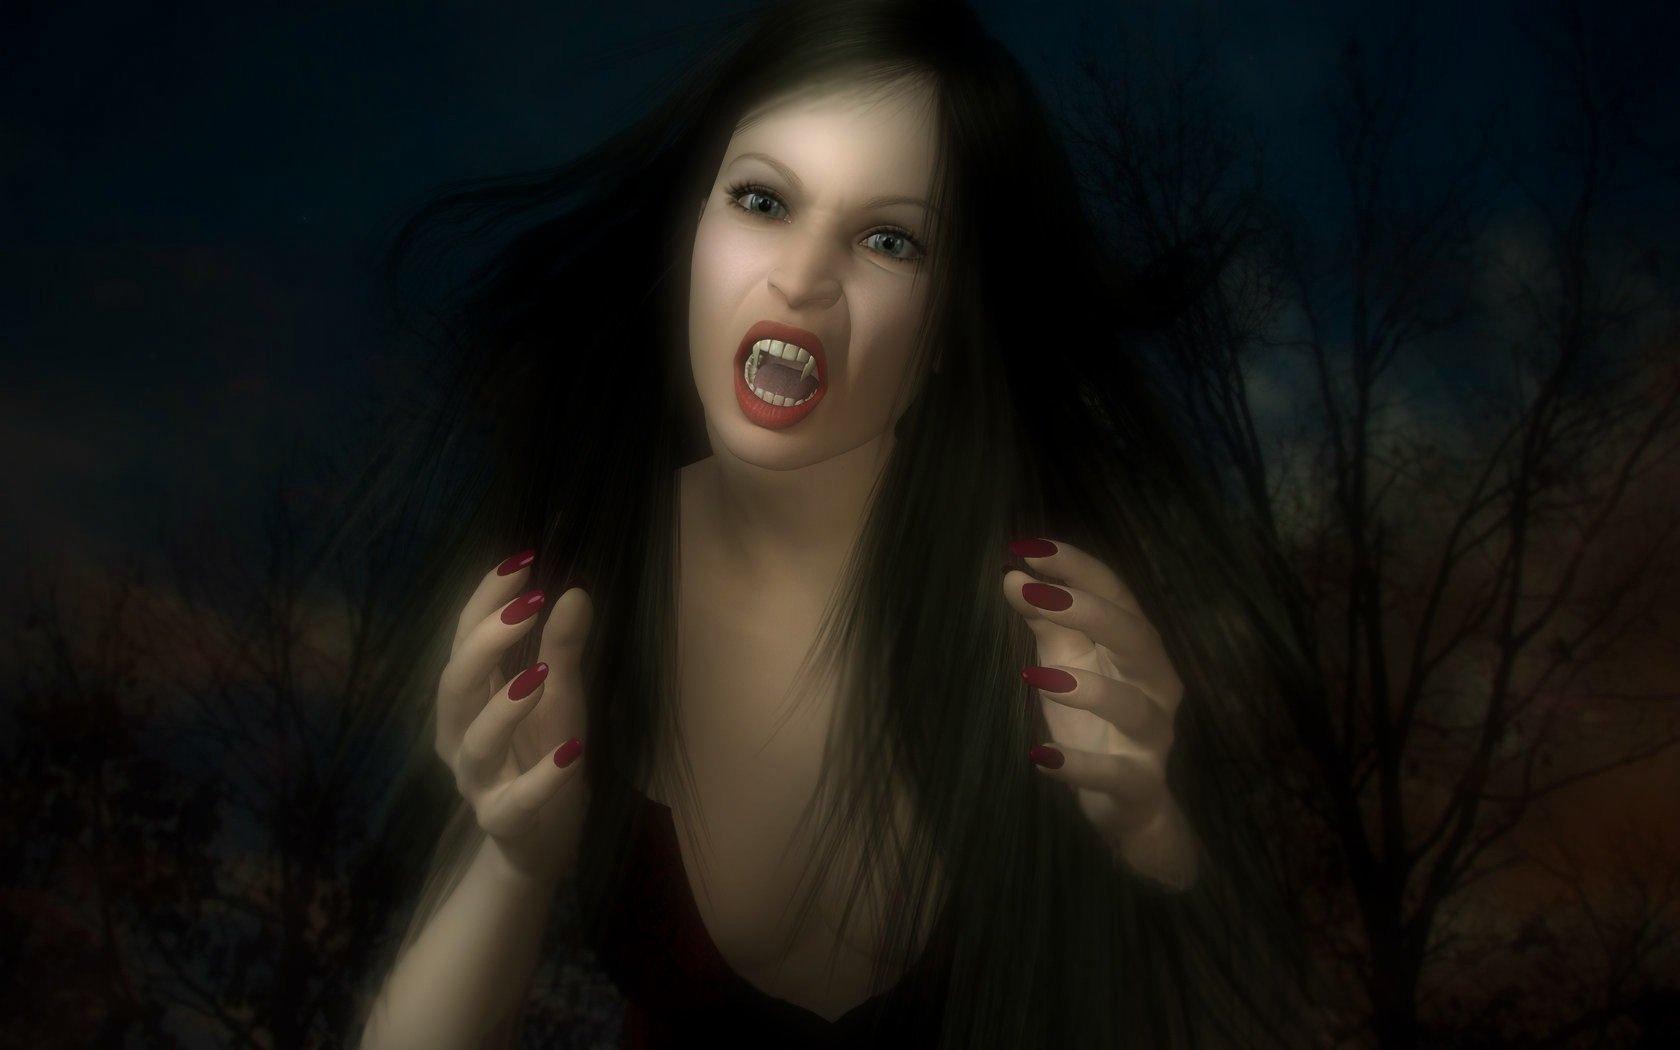 Девки страшные картинки